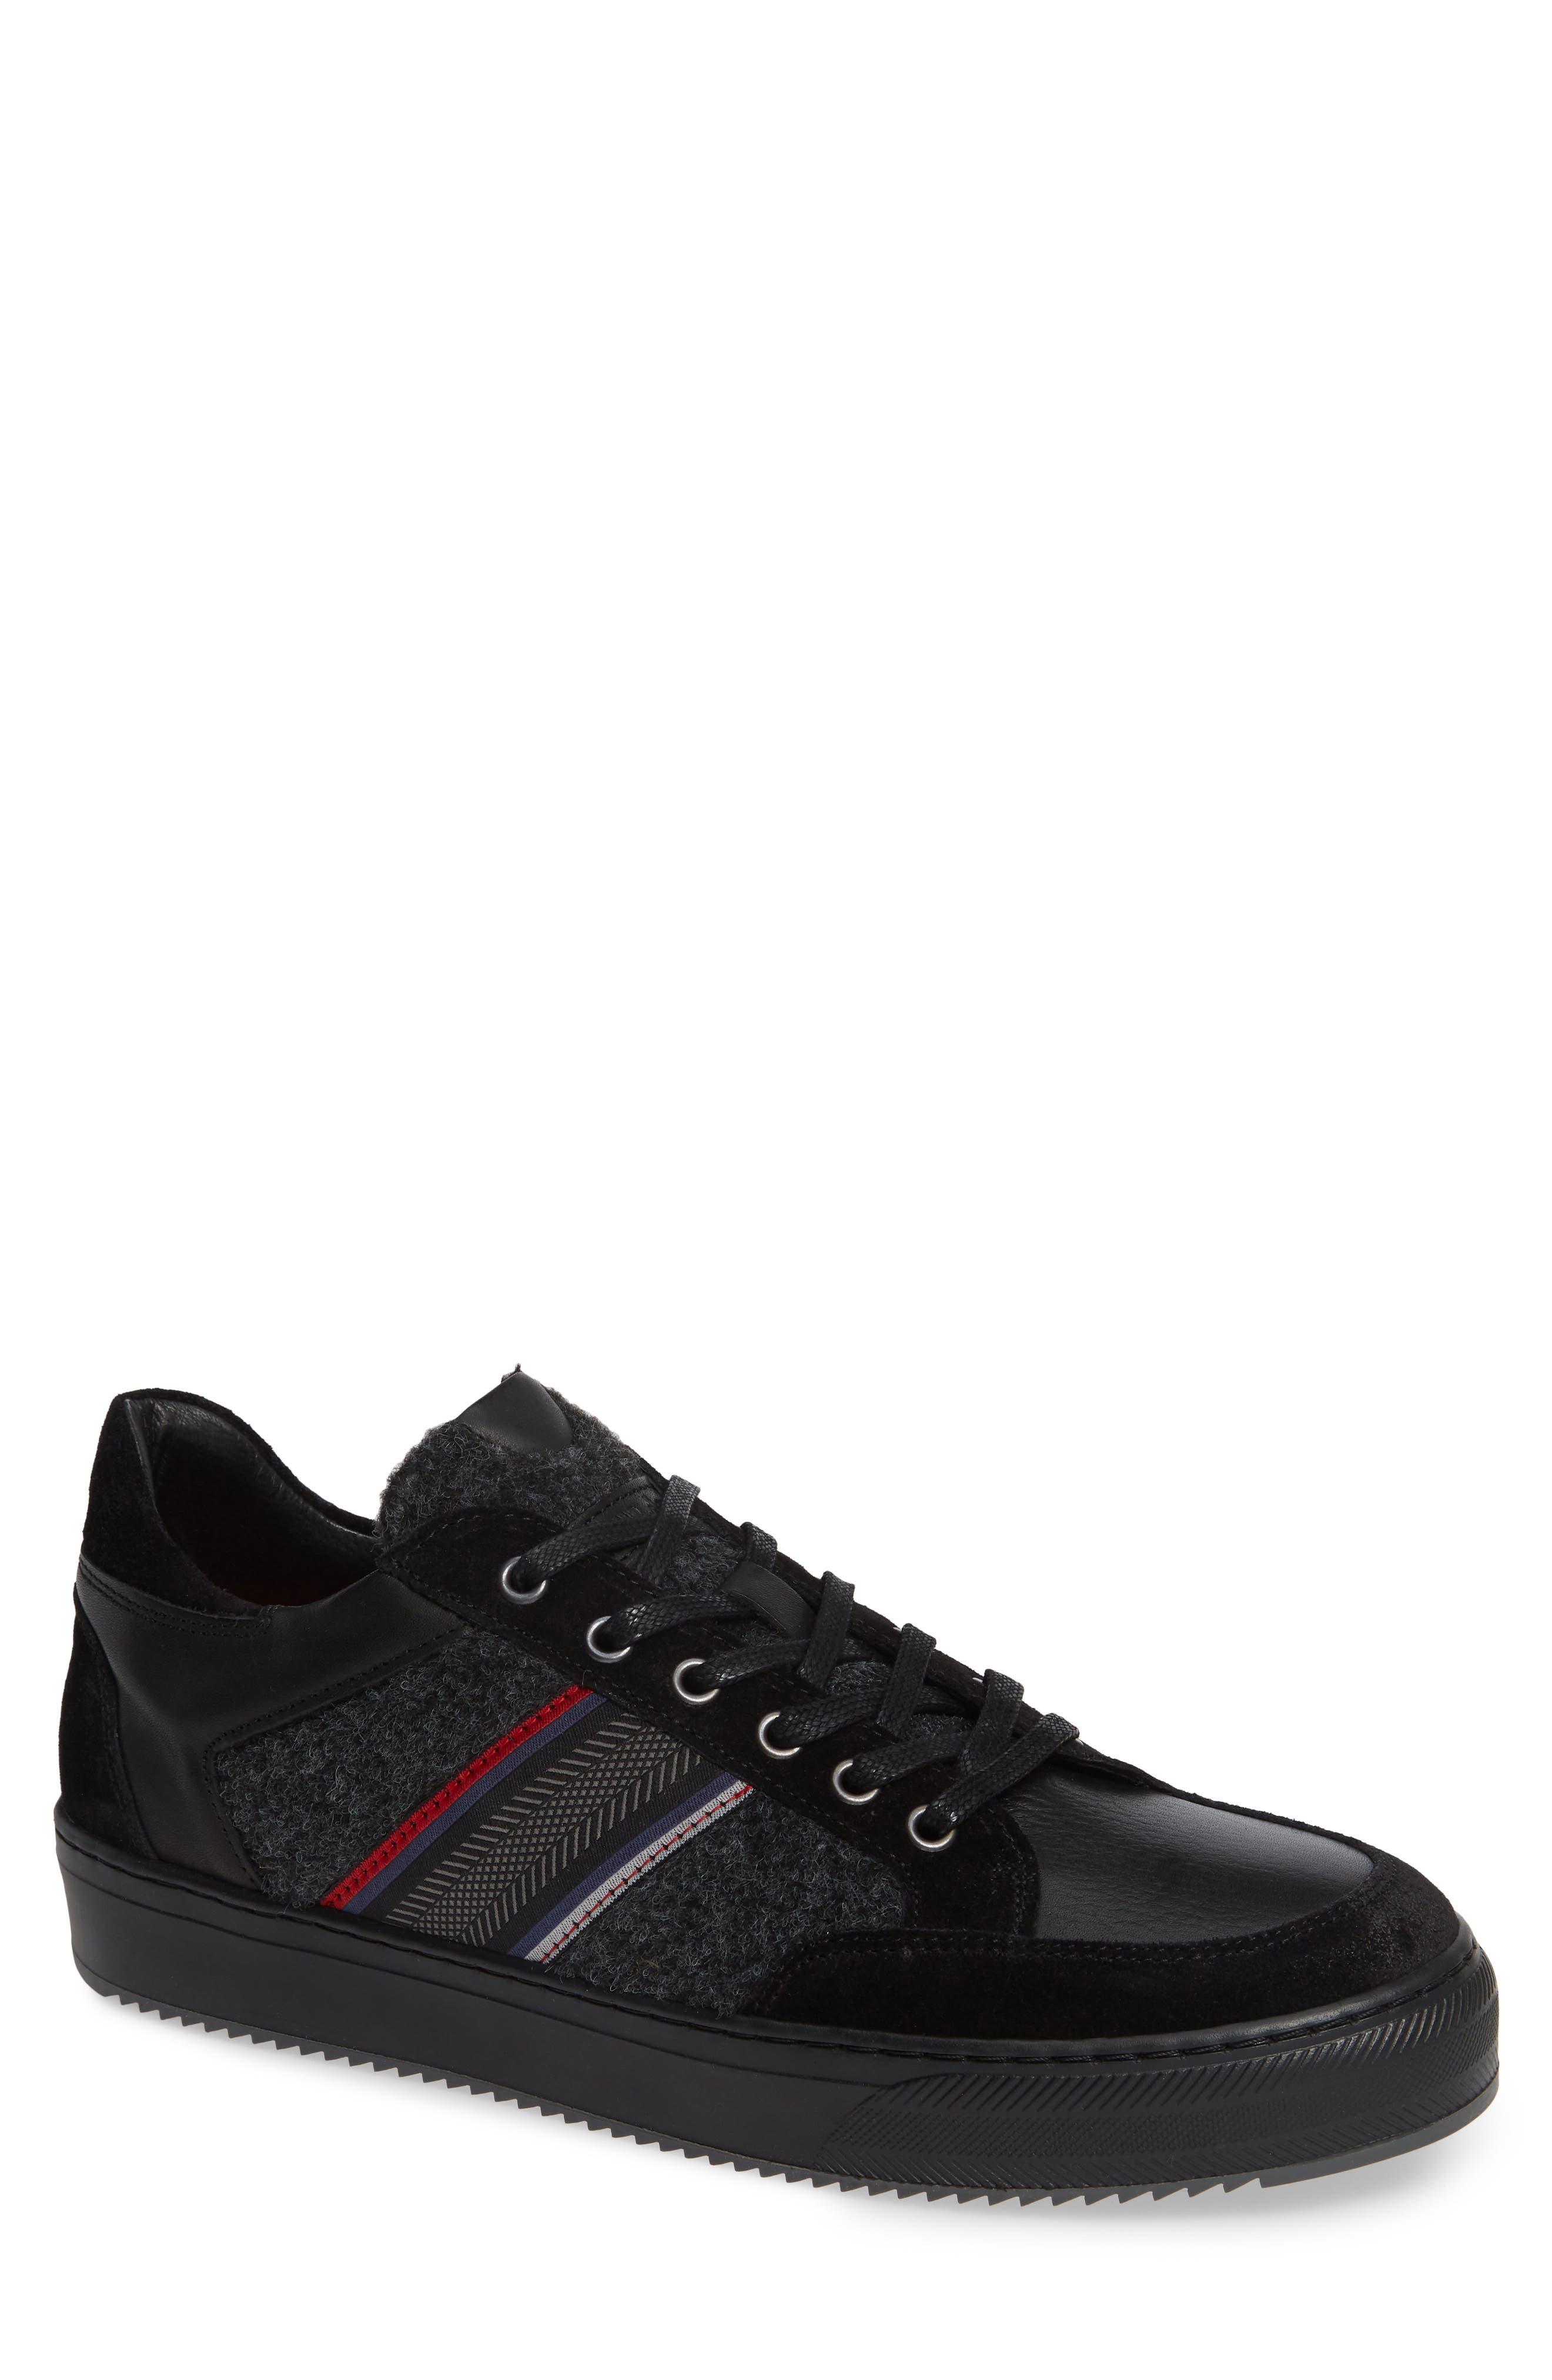 Poggio Sneaker,                         Main,                         color, BLACK